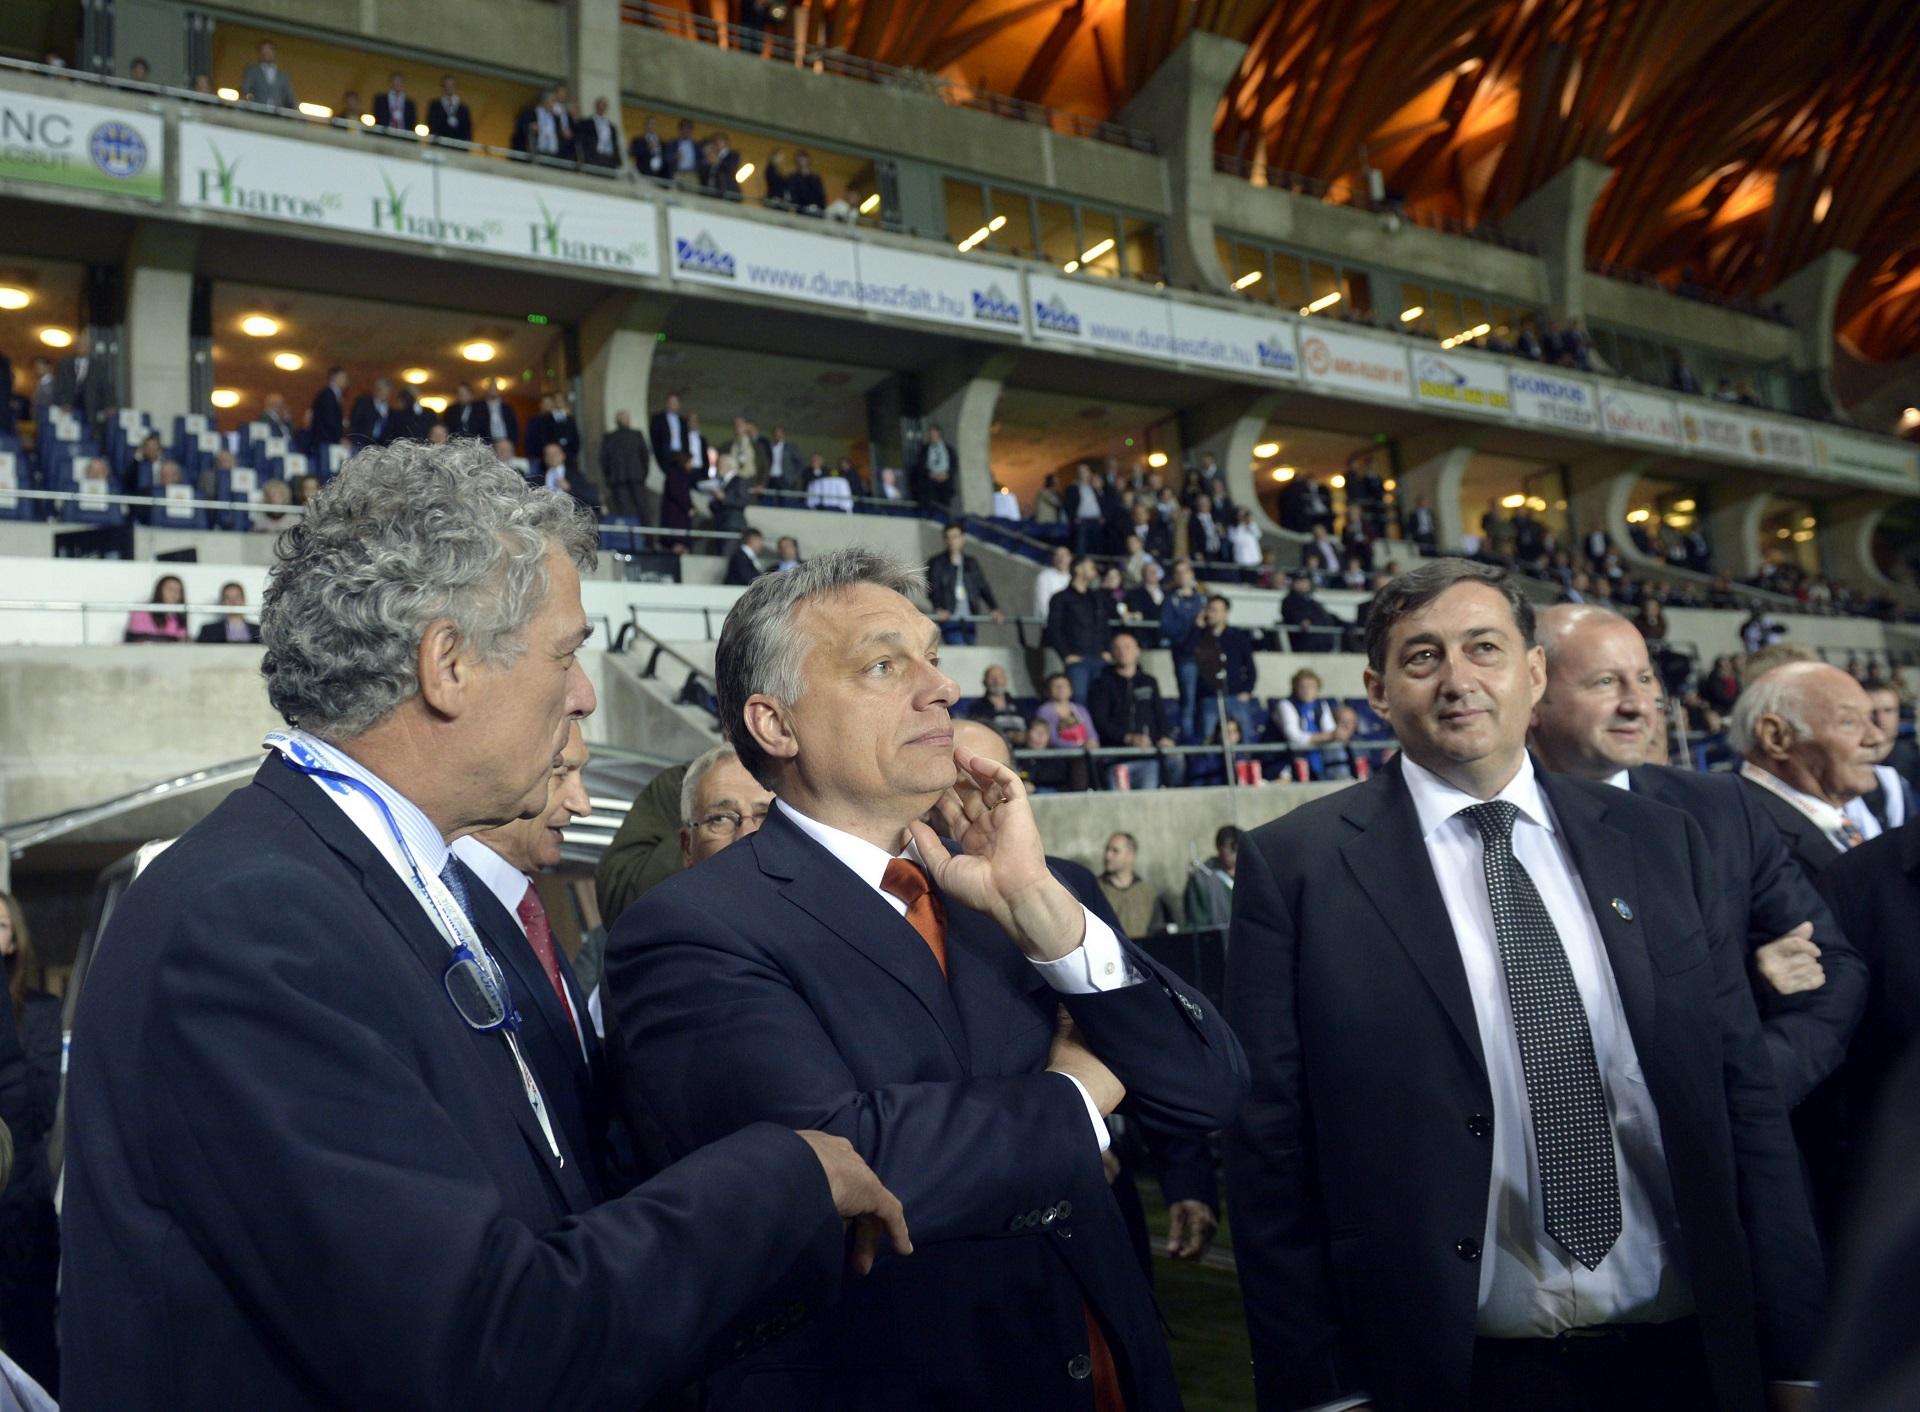 Milliárdokkal támogatja az állam Mészáros Lőrinc és a kormány kedvenc határon túli fociakadémiáit